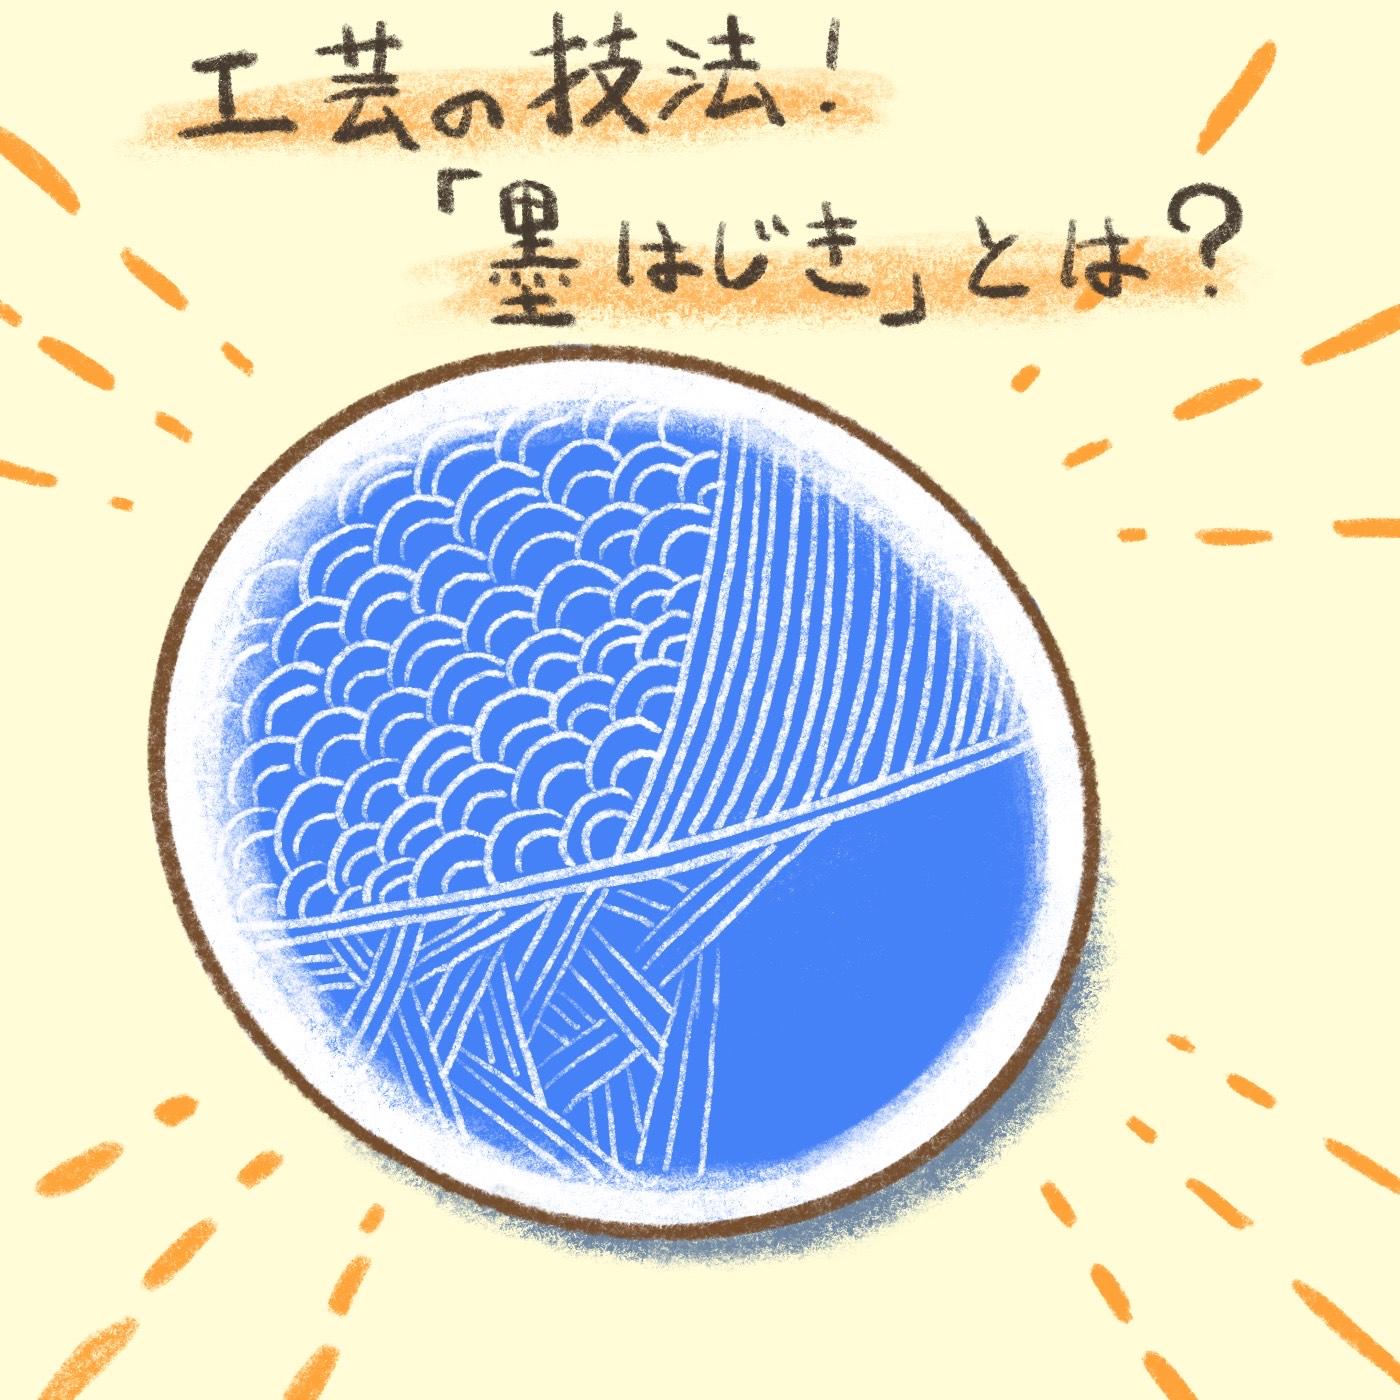 東京国立博物館 トーハク 東博 工芸 工藝2020 OBIKAKE ナニソレ